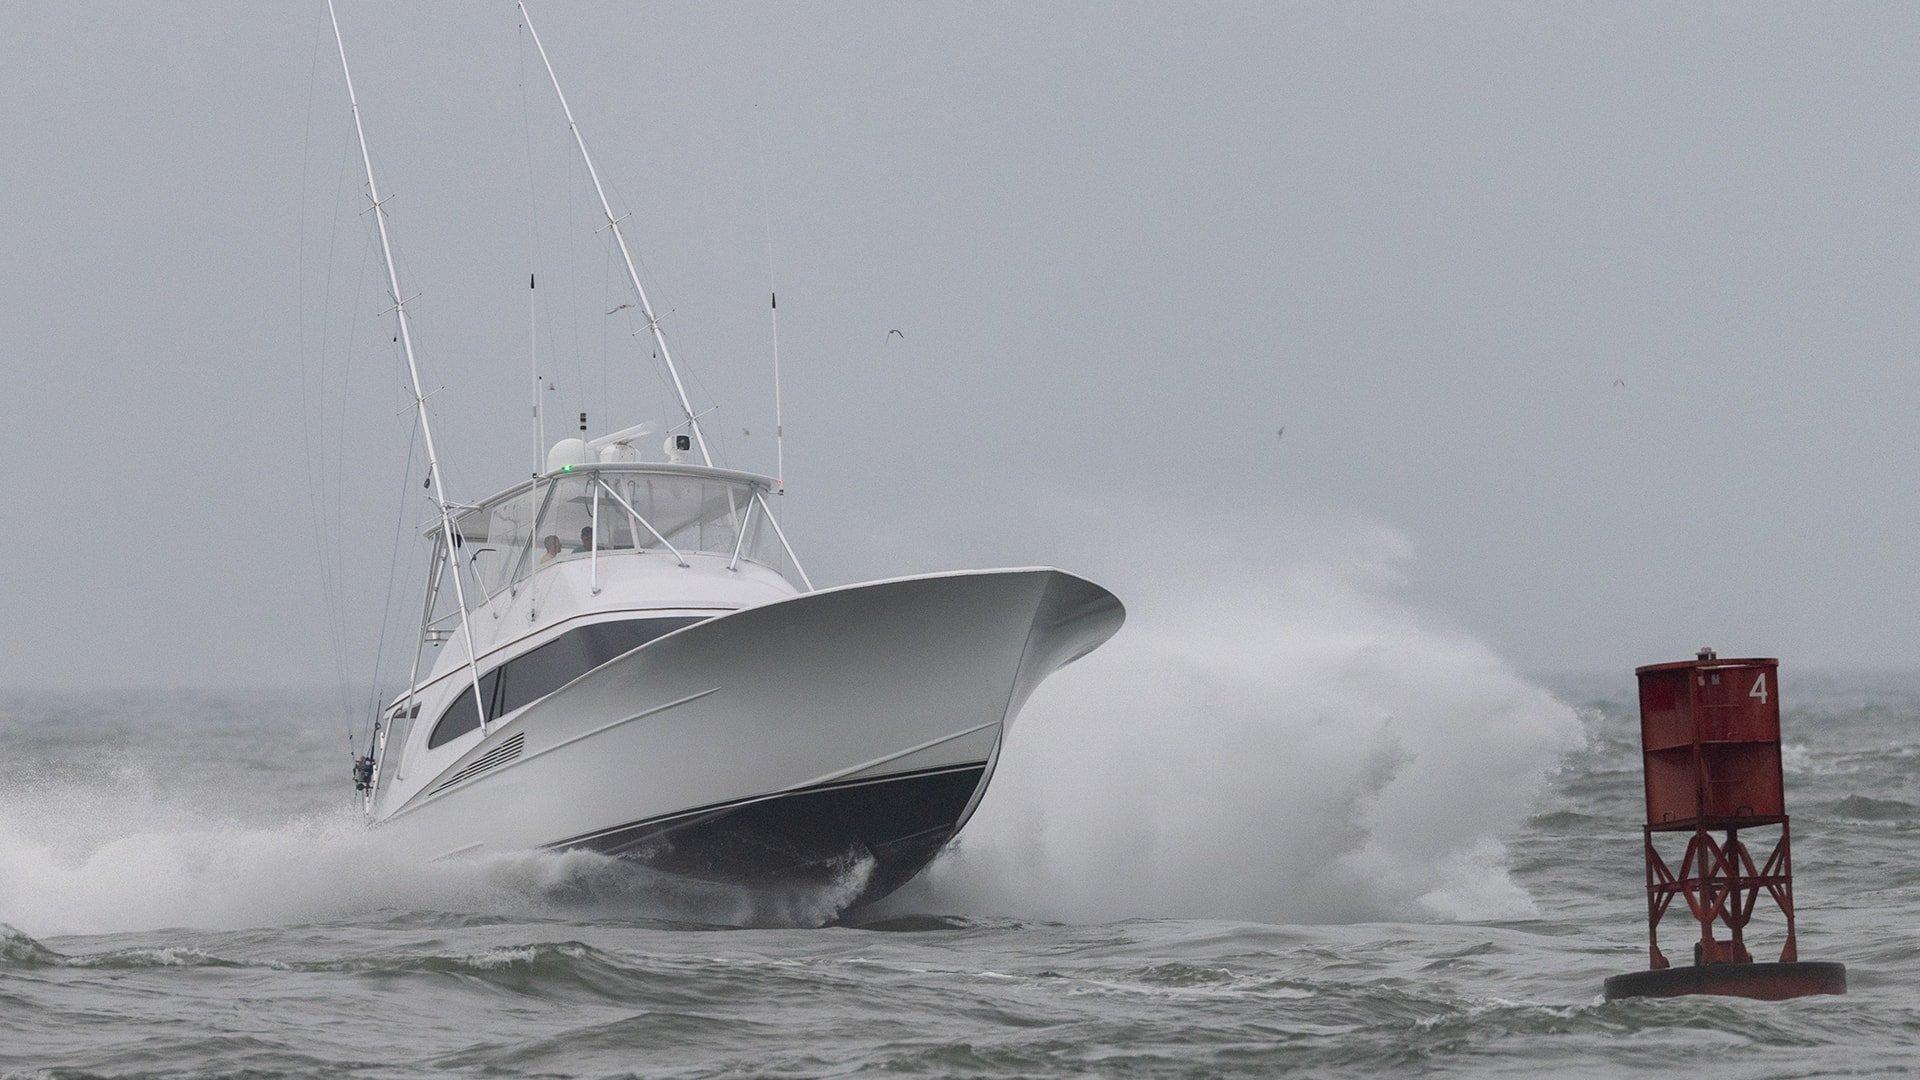 Sportfishing Boat In Rough Seas